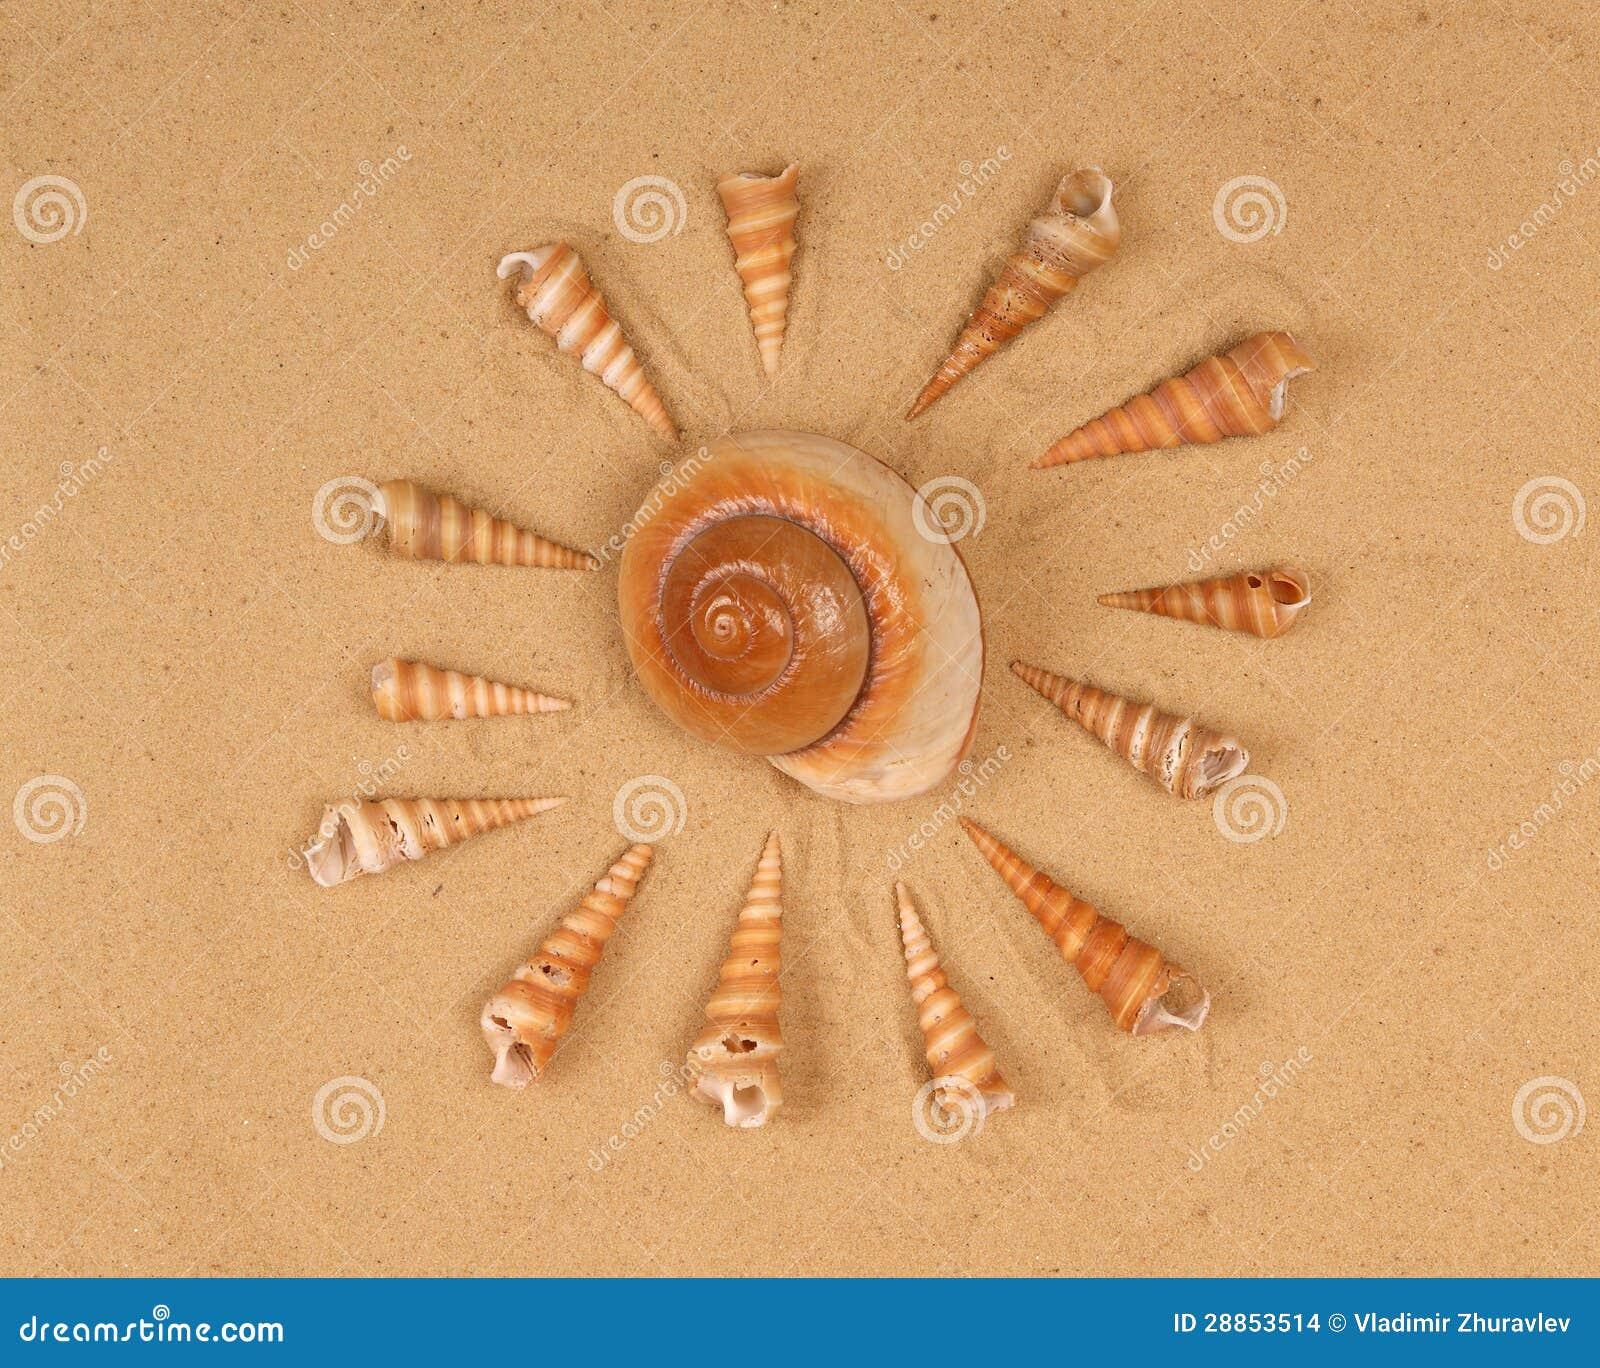 Large seashells on the sand